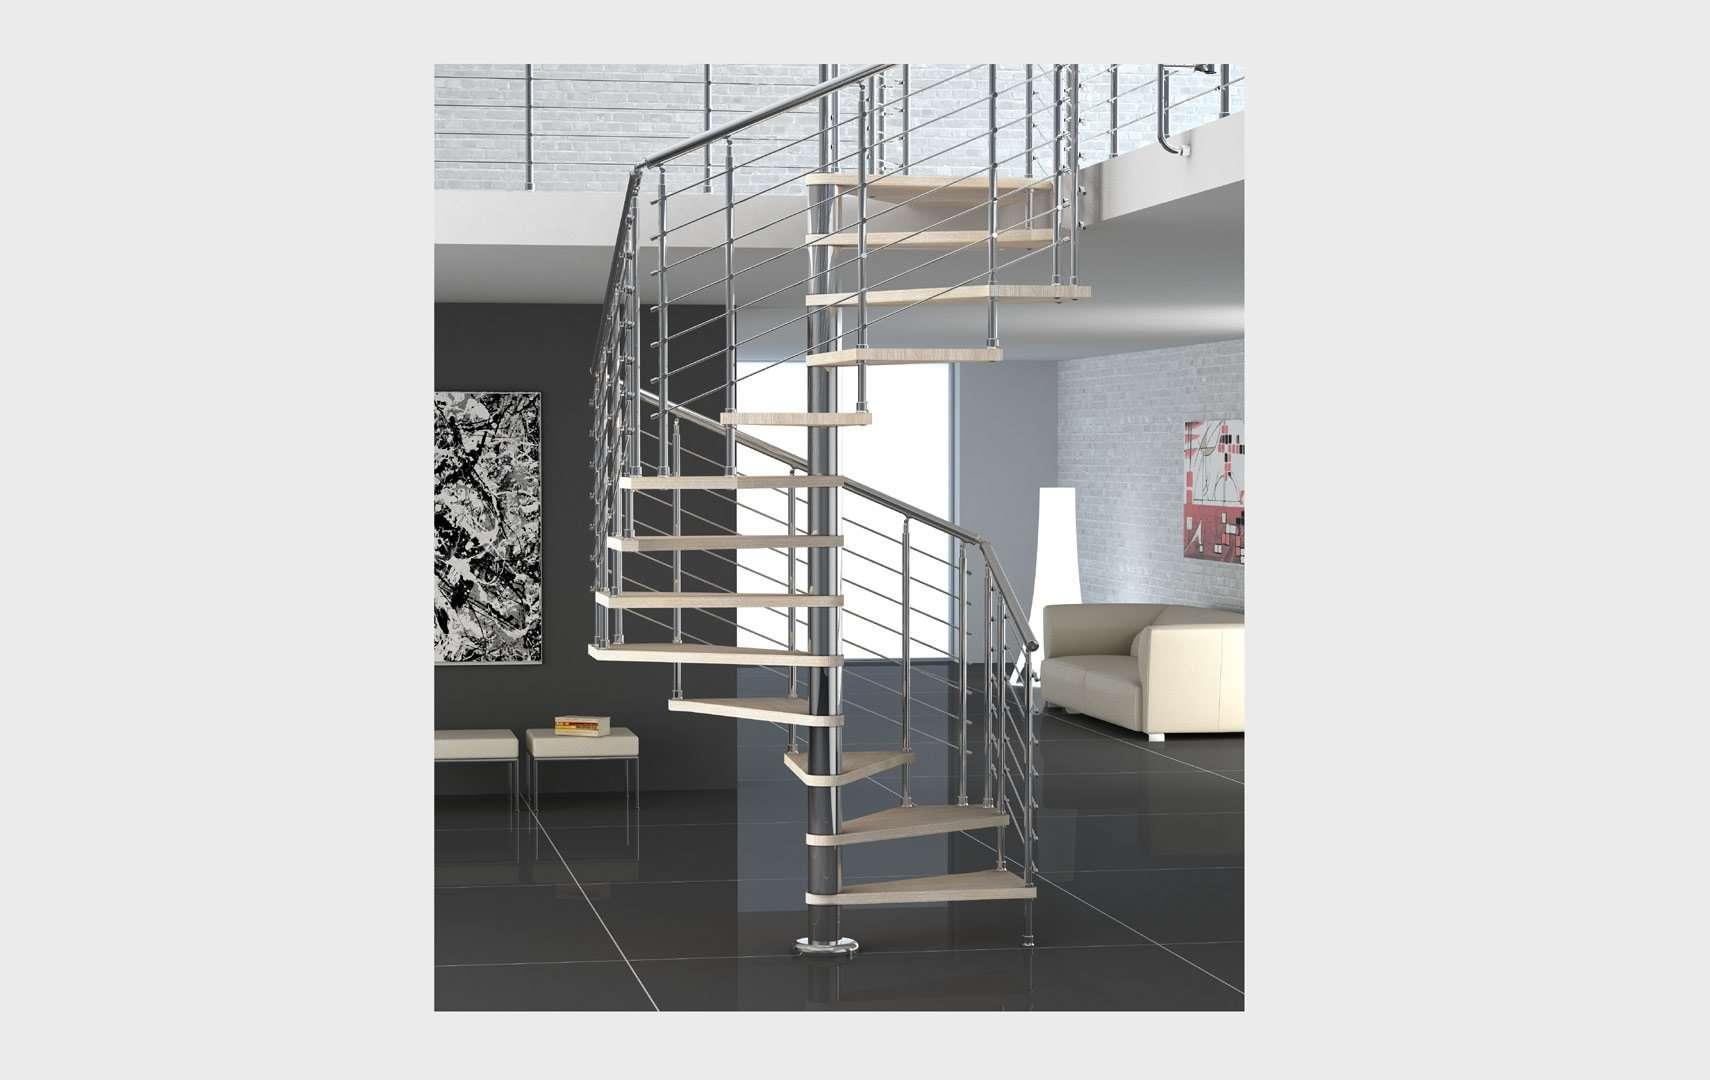 Diable ampia scelta di scale a chiocciola e scale elicoidali in legno per interni con - Scale a chiocciola bari ...